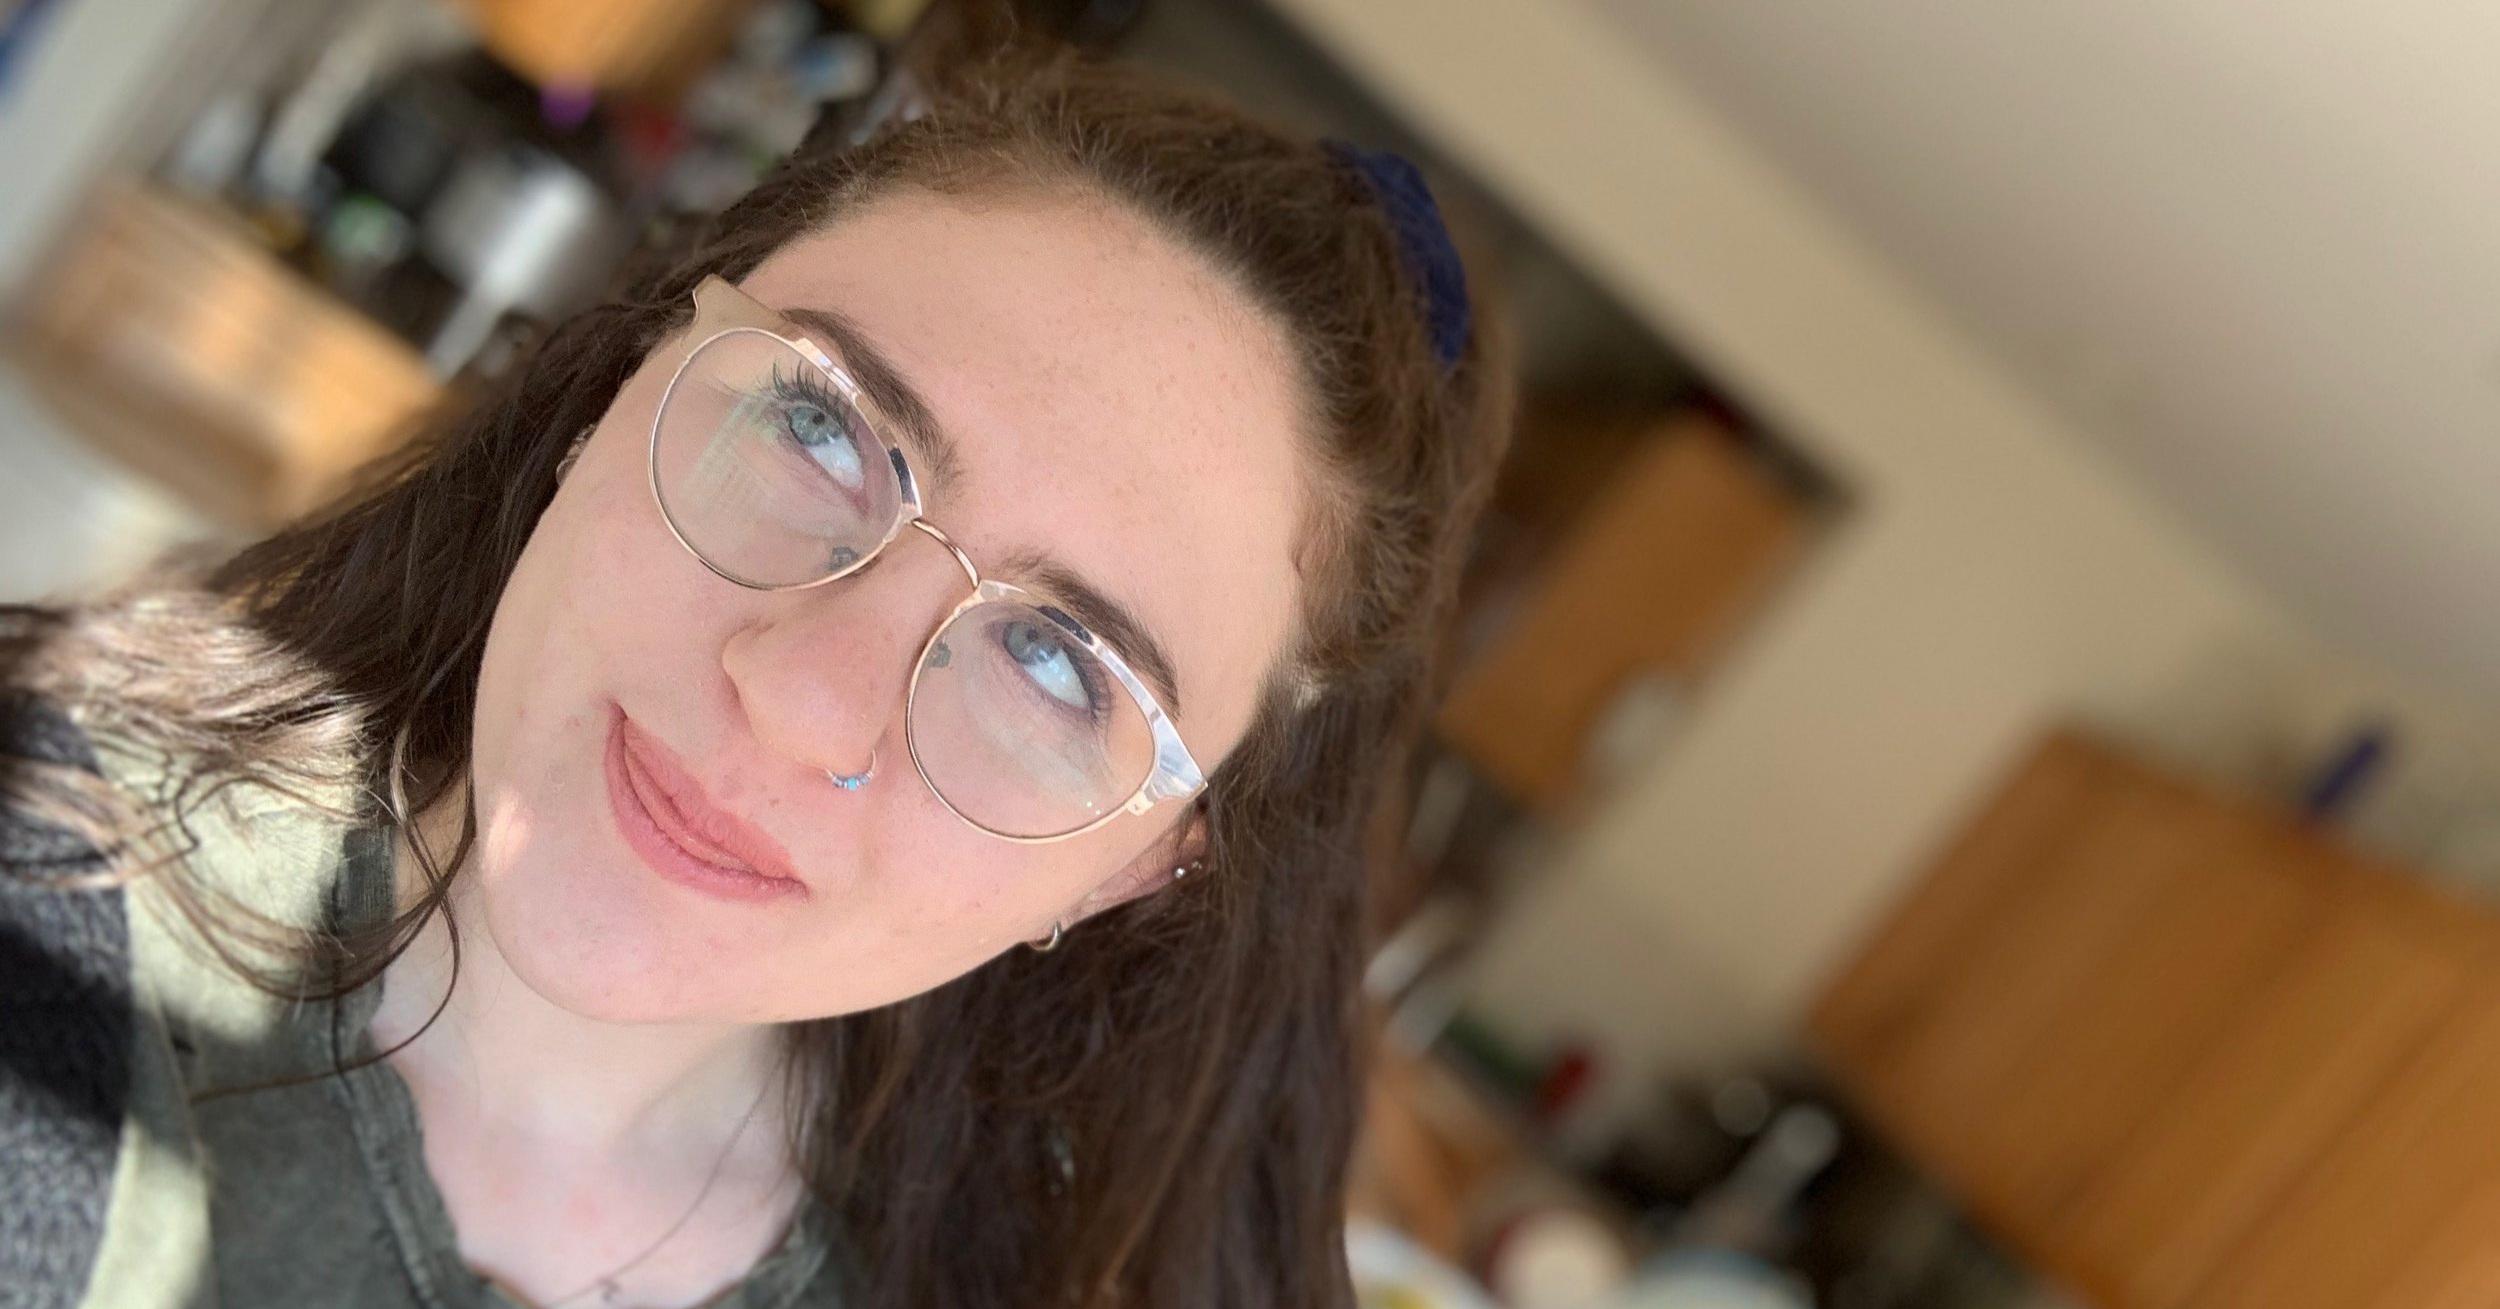 Hannah+photo+2.28.19.jpg